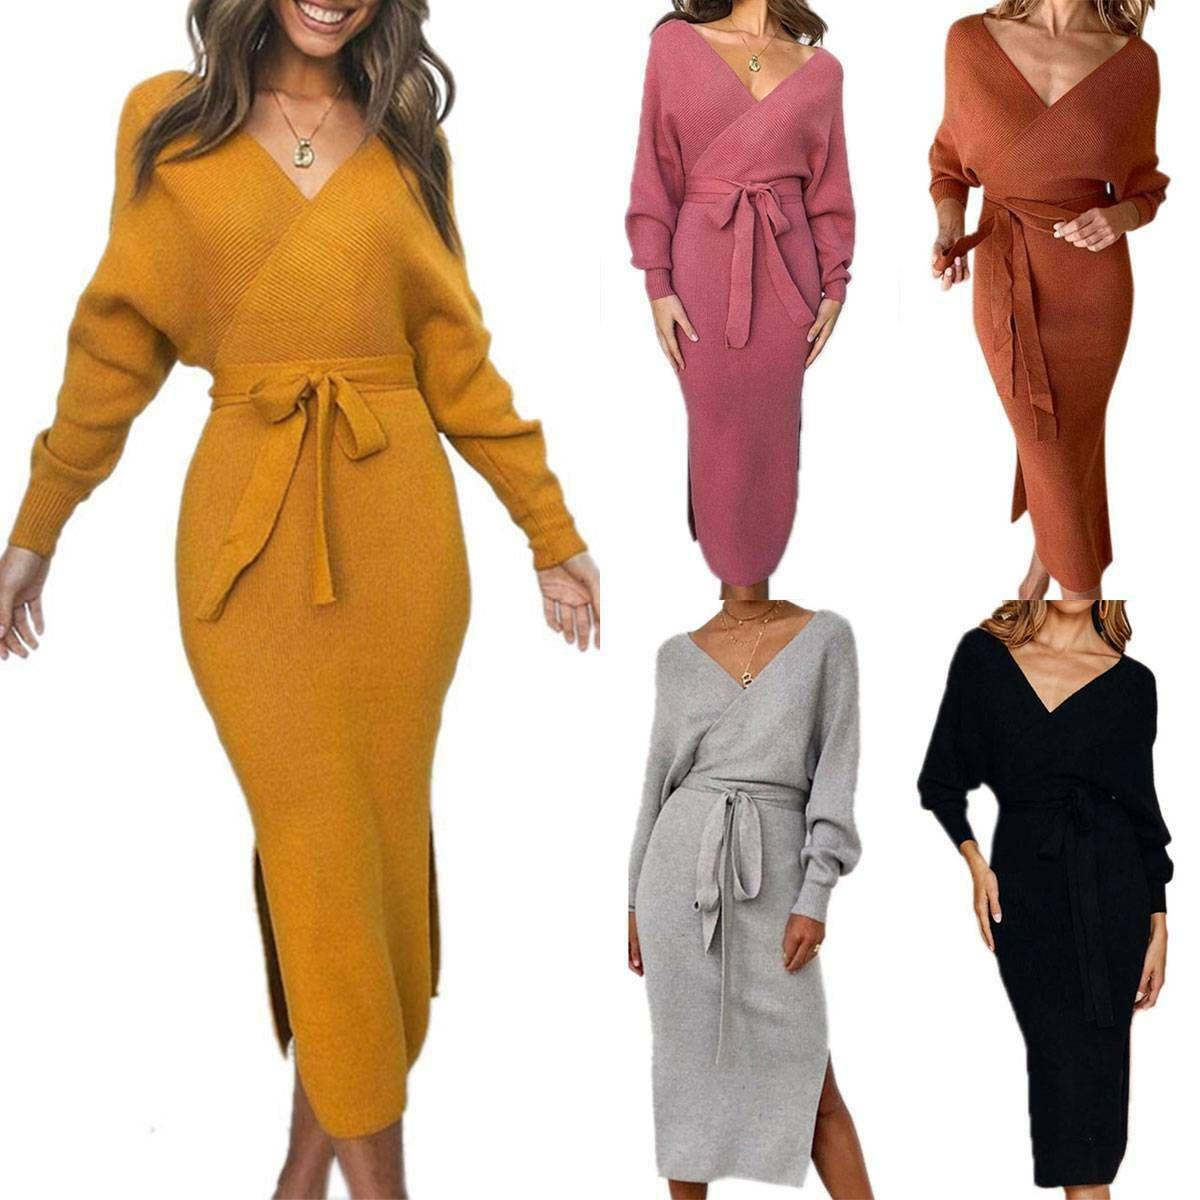 20 Einzigartig Elegante Kleider Für Den Abend Stylish10 Kreativ Elegante Kleider Für Den Abend Boutique